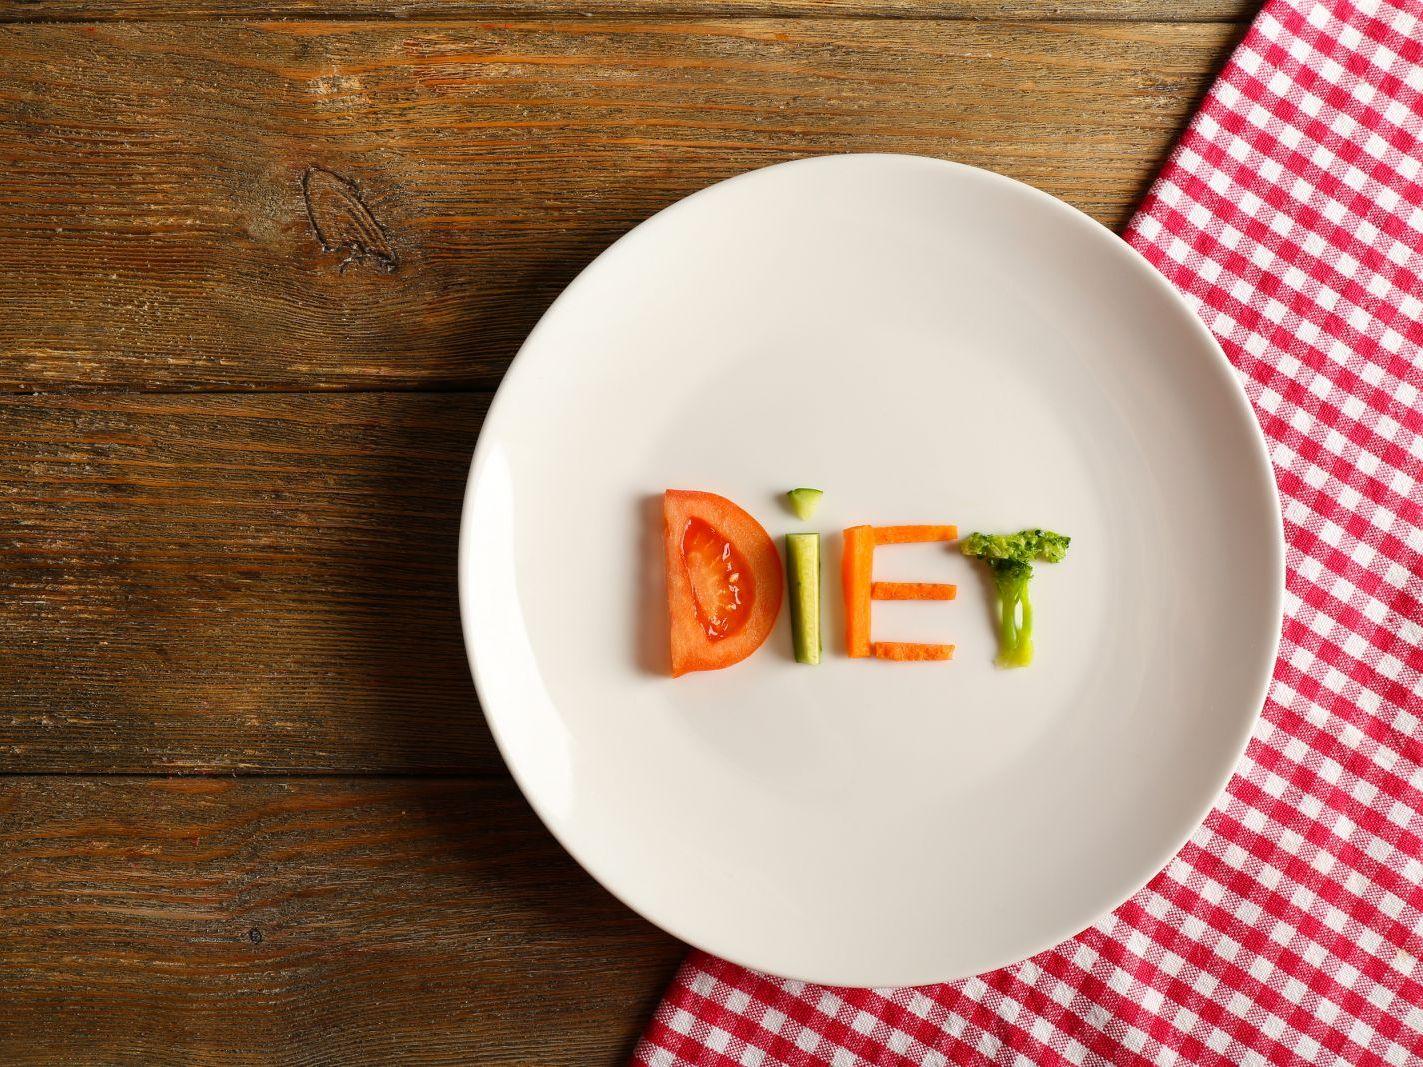 Dieta zamanı arıqlamağa mane olan 6 BÖYÜK SƏHV